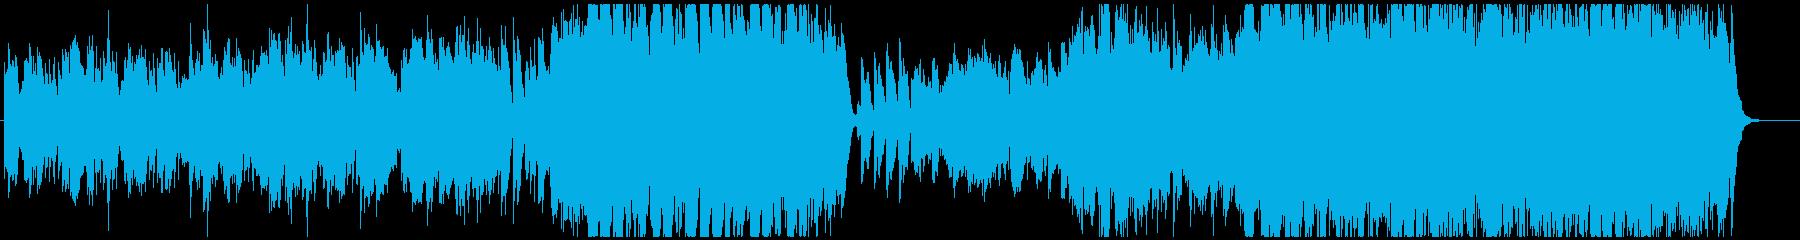 哀愁あるオーケストラワルツの再生済みの波形